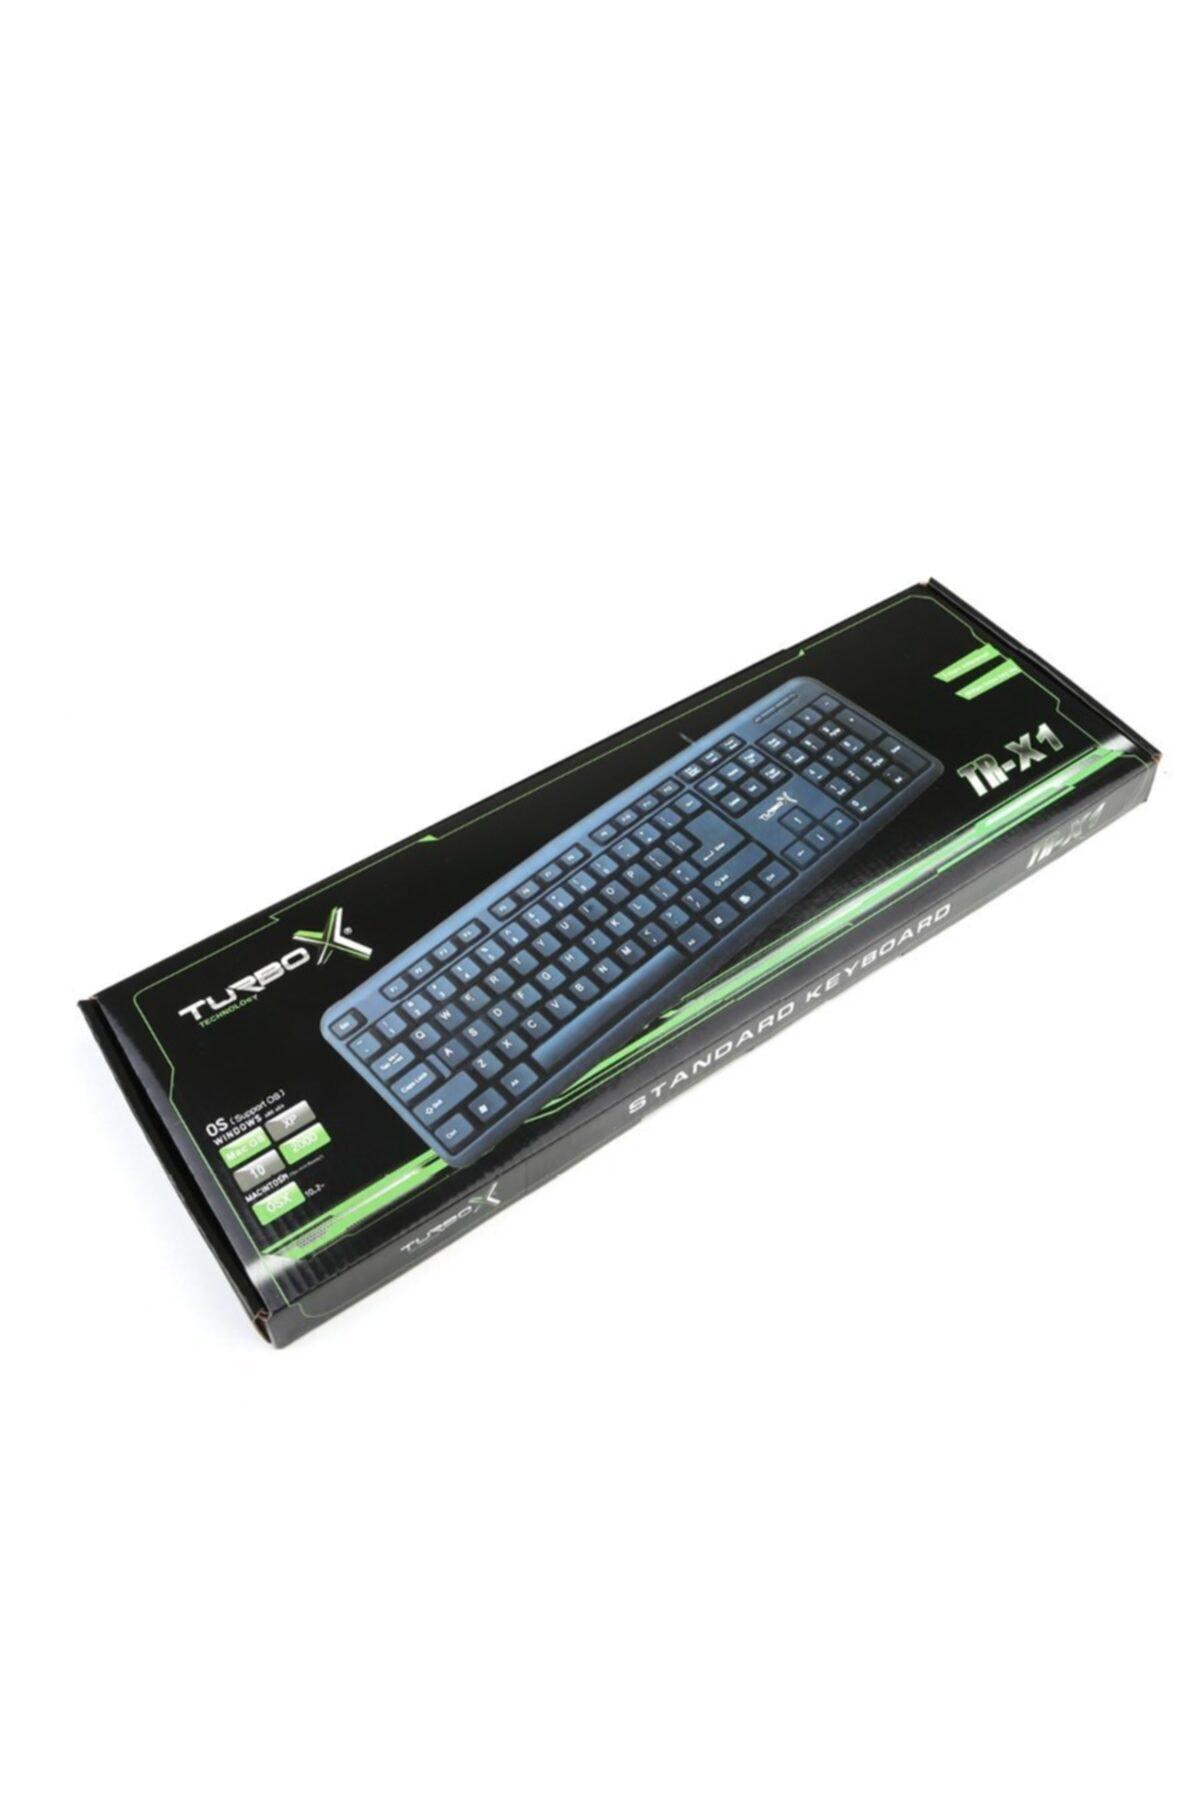 TURBOX Tr-x1 Kablolu Siyah Standart Usb Klavye 1